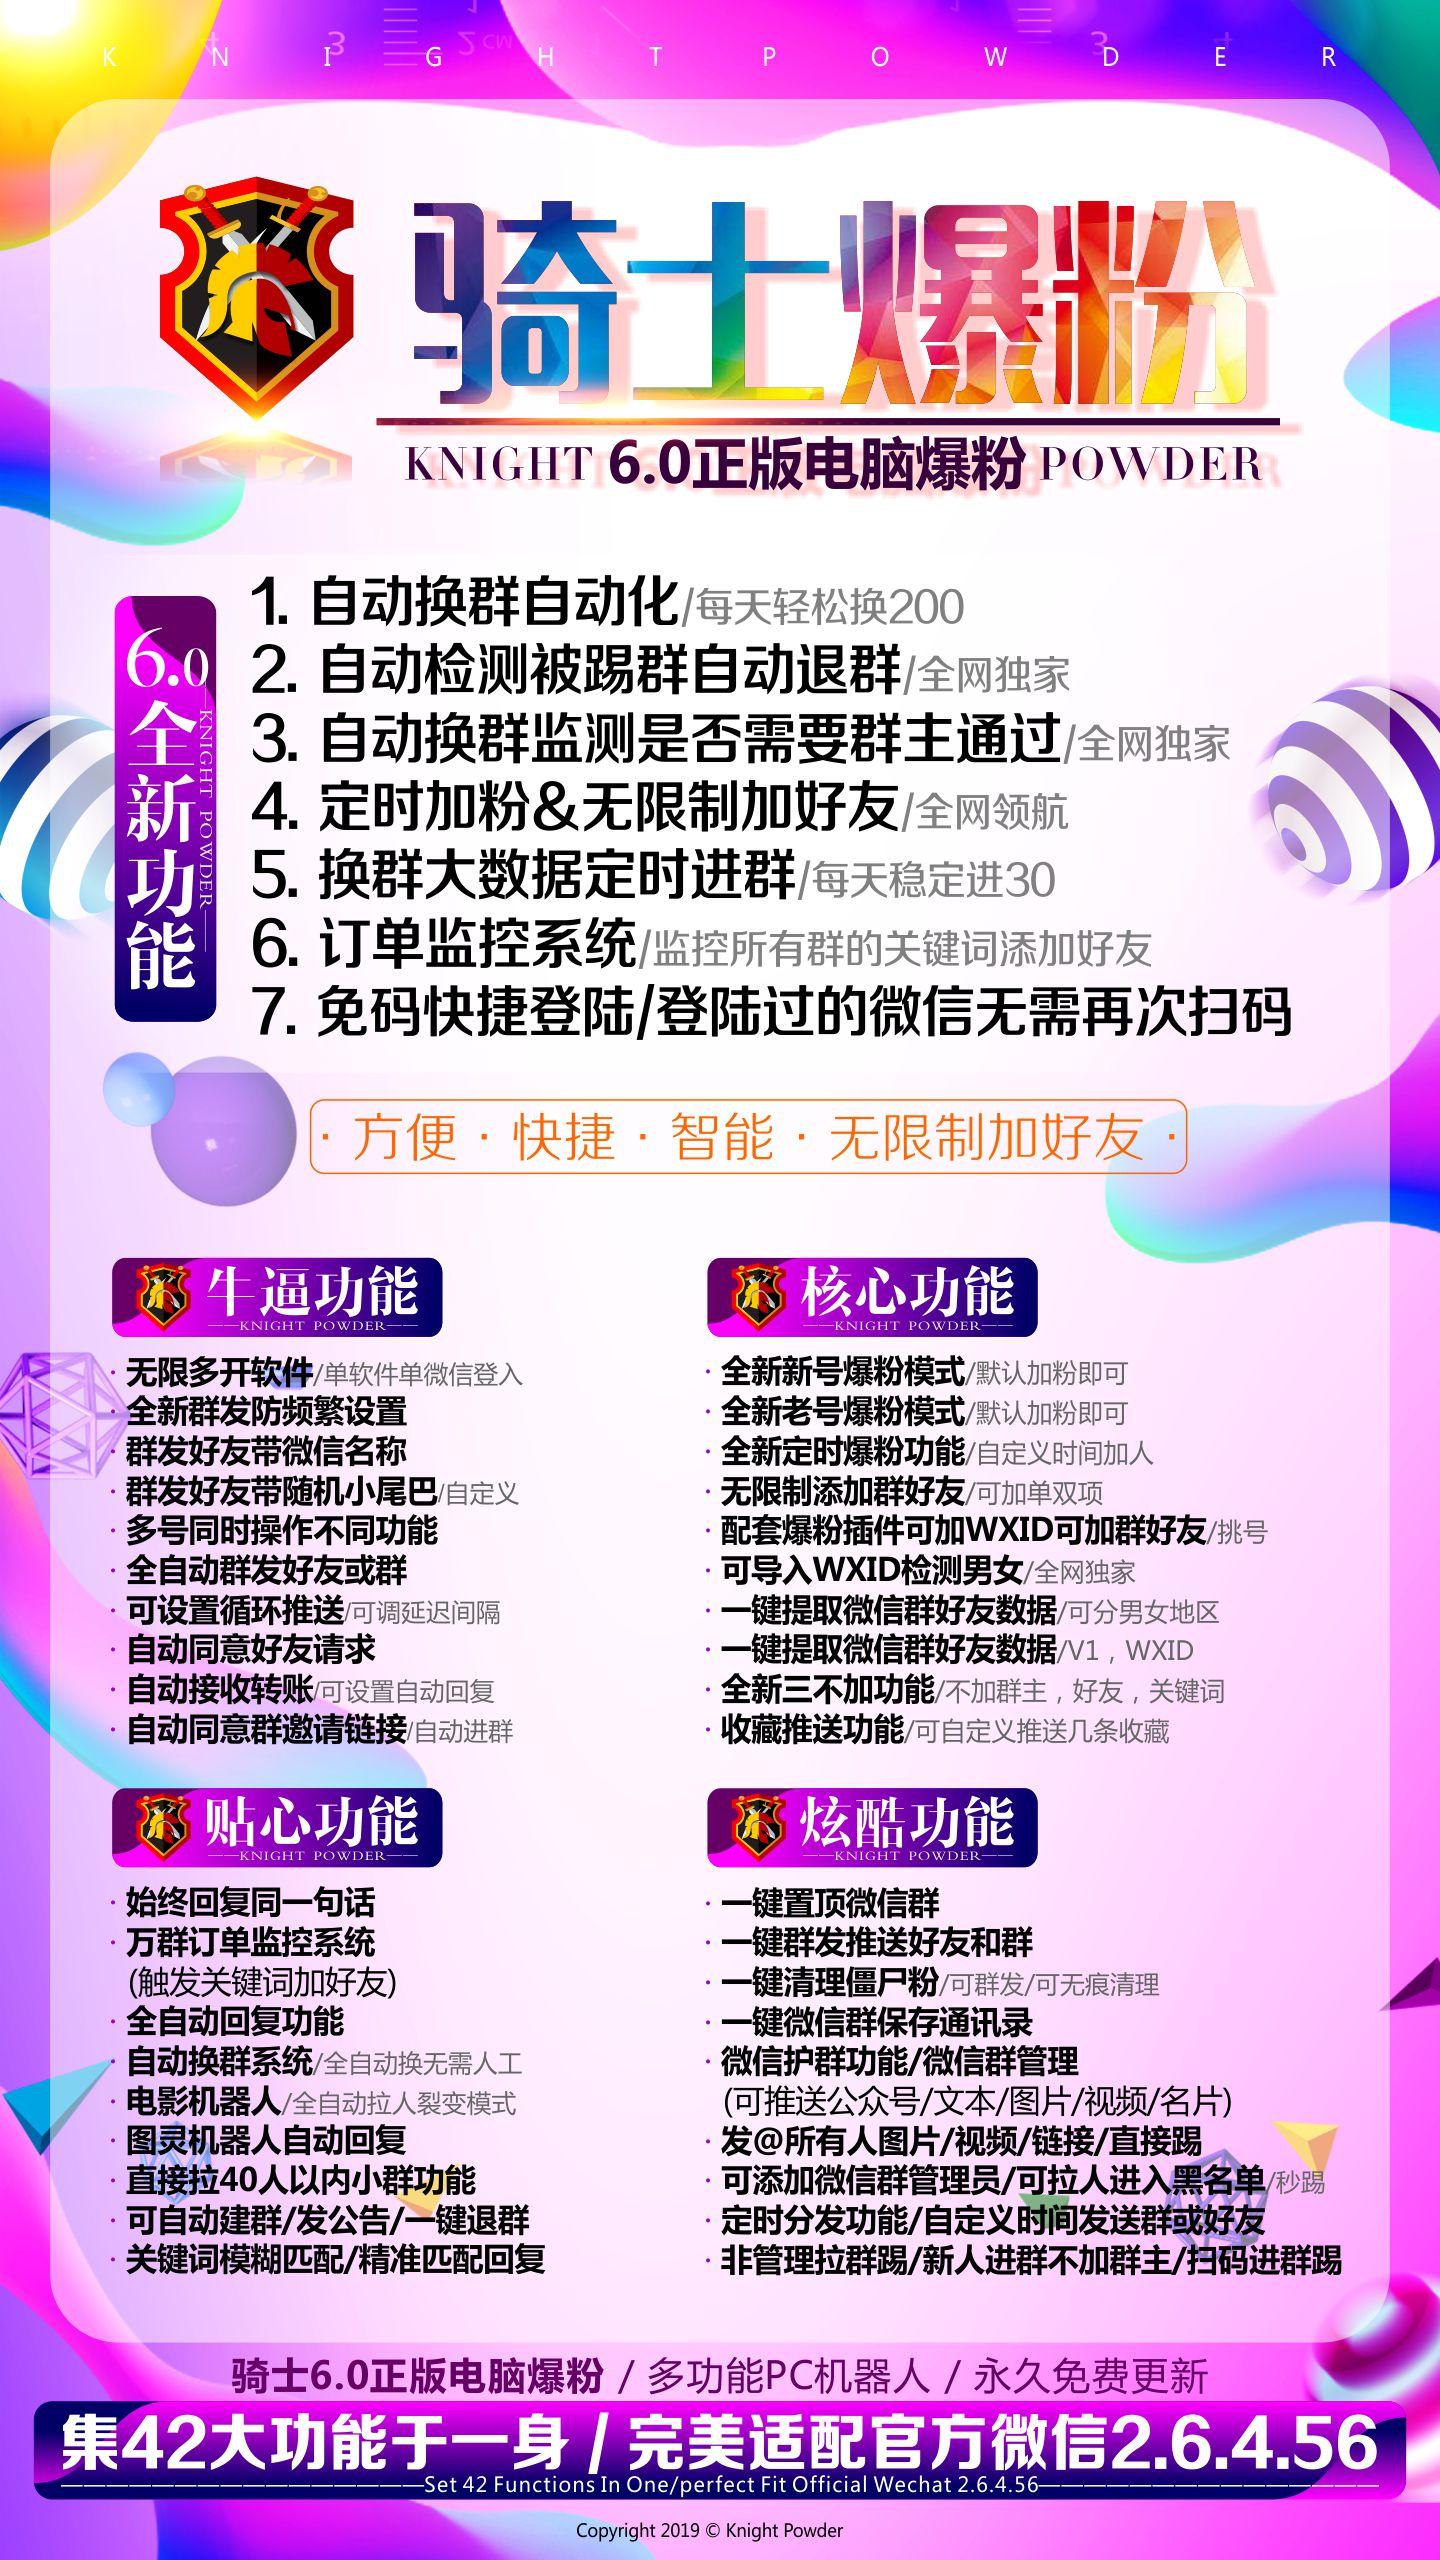 【骑士爆粉6.0新版】电脑版微信软件群发爆粉自动换群正版年卡月卡授权